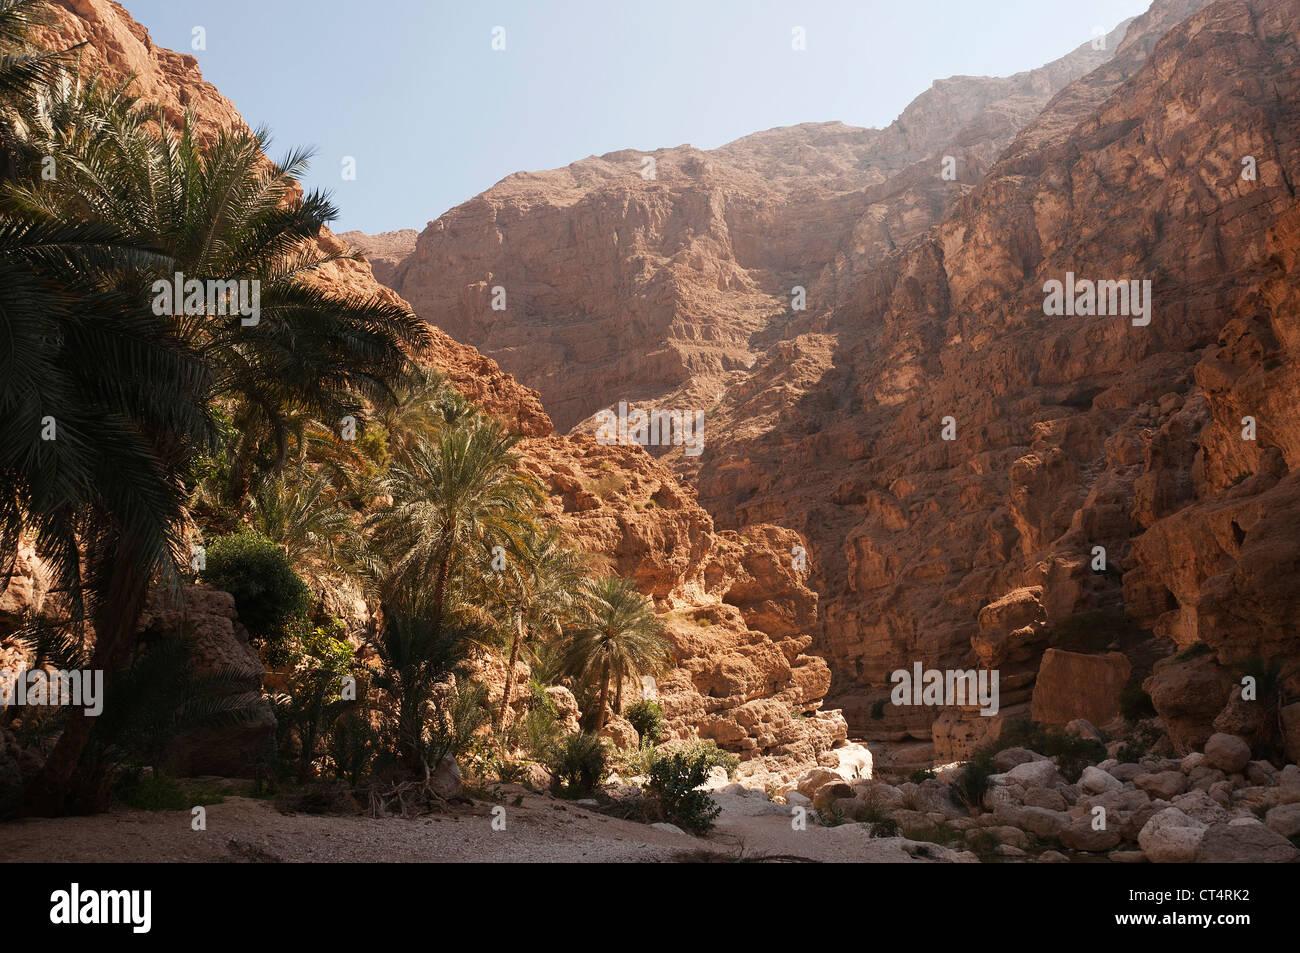 Elk207-2007 Oman, East coast, Wadi Shab, canyon landscape - Stock Image